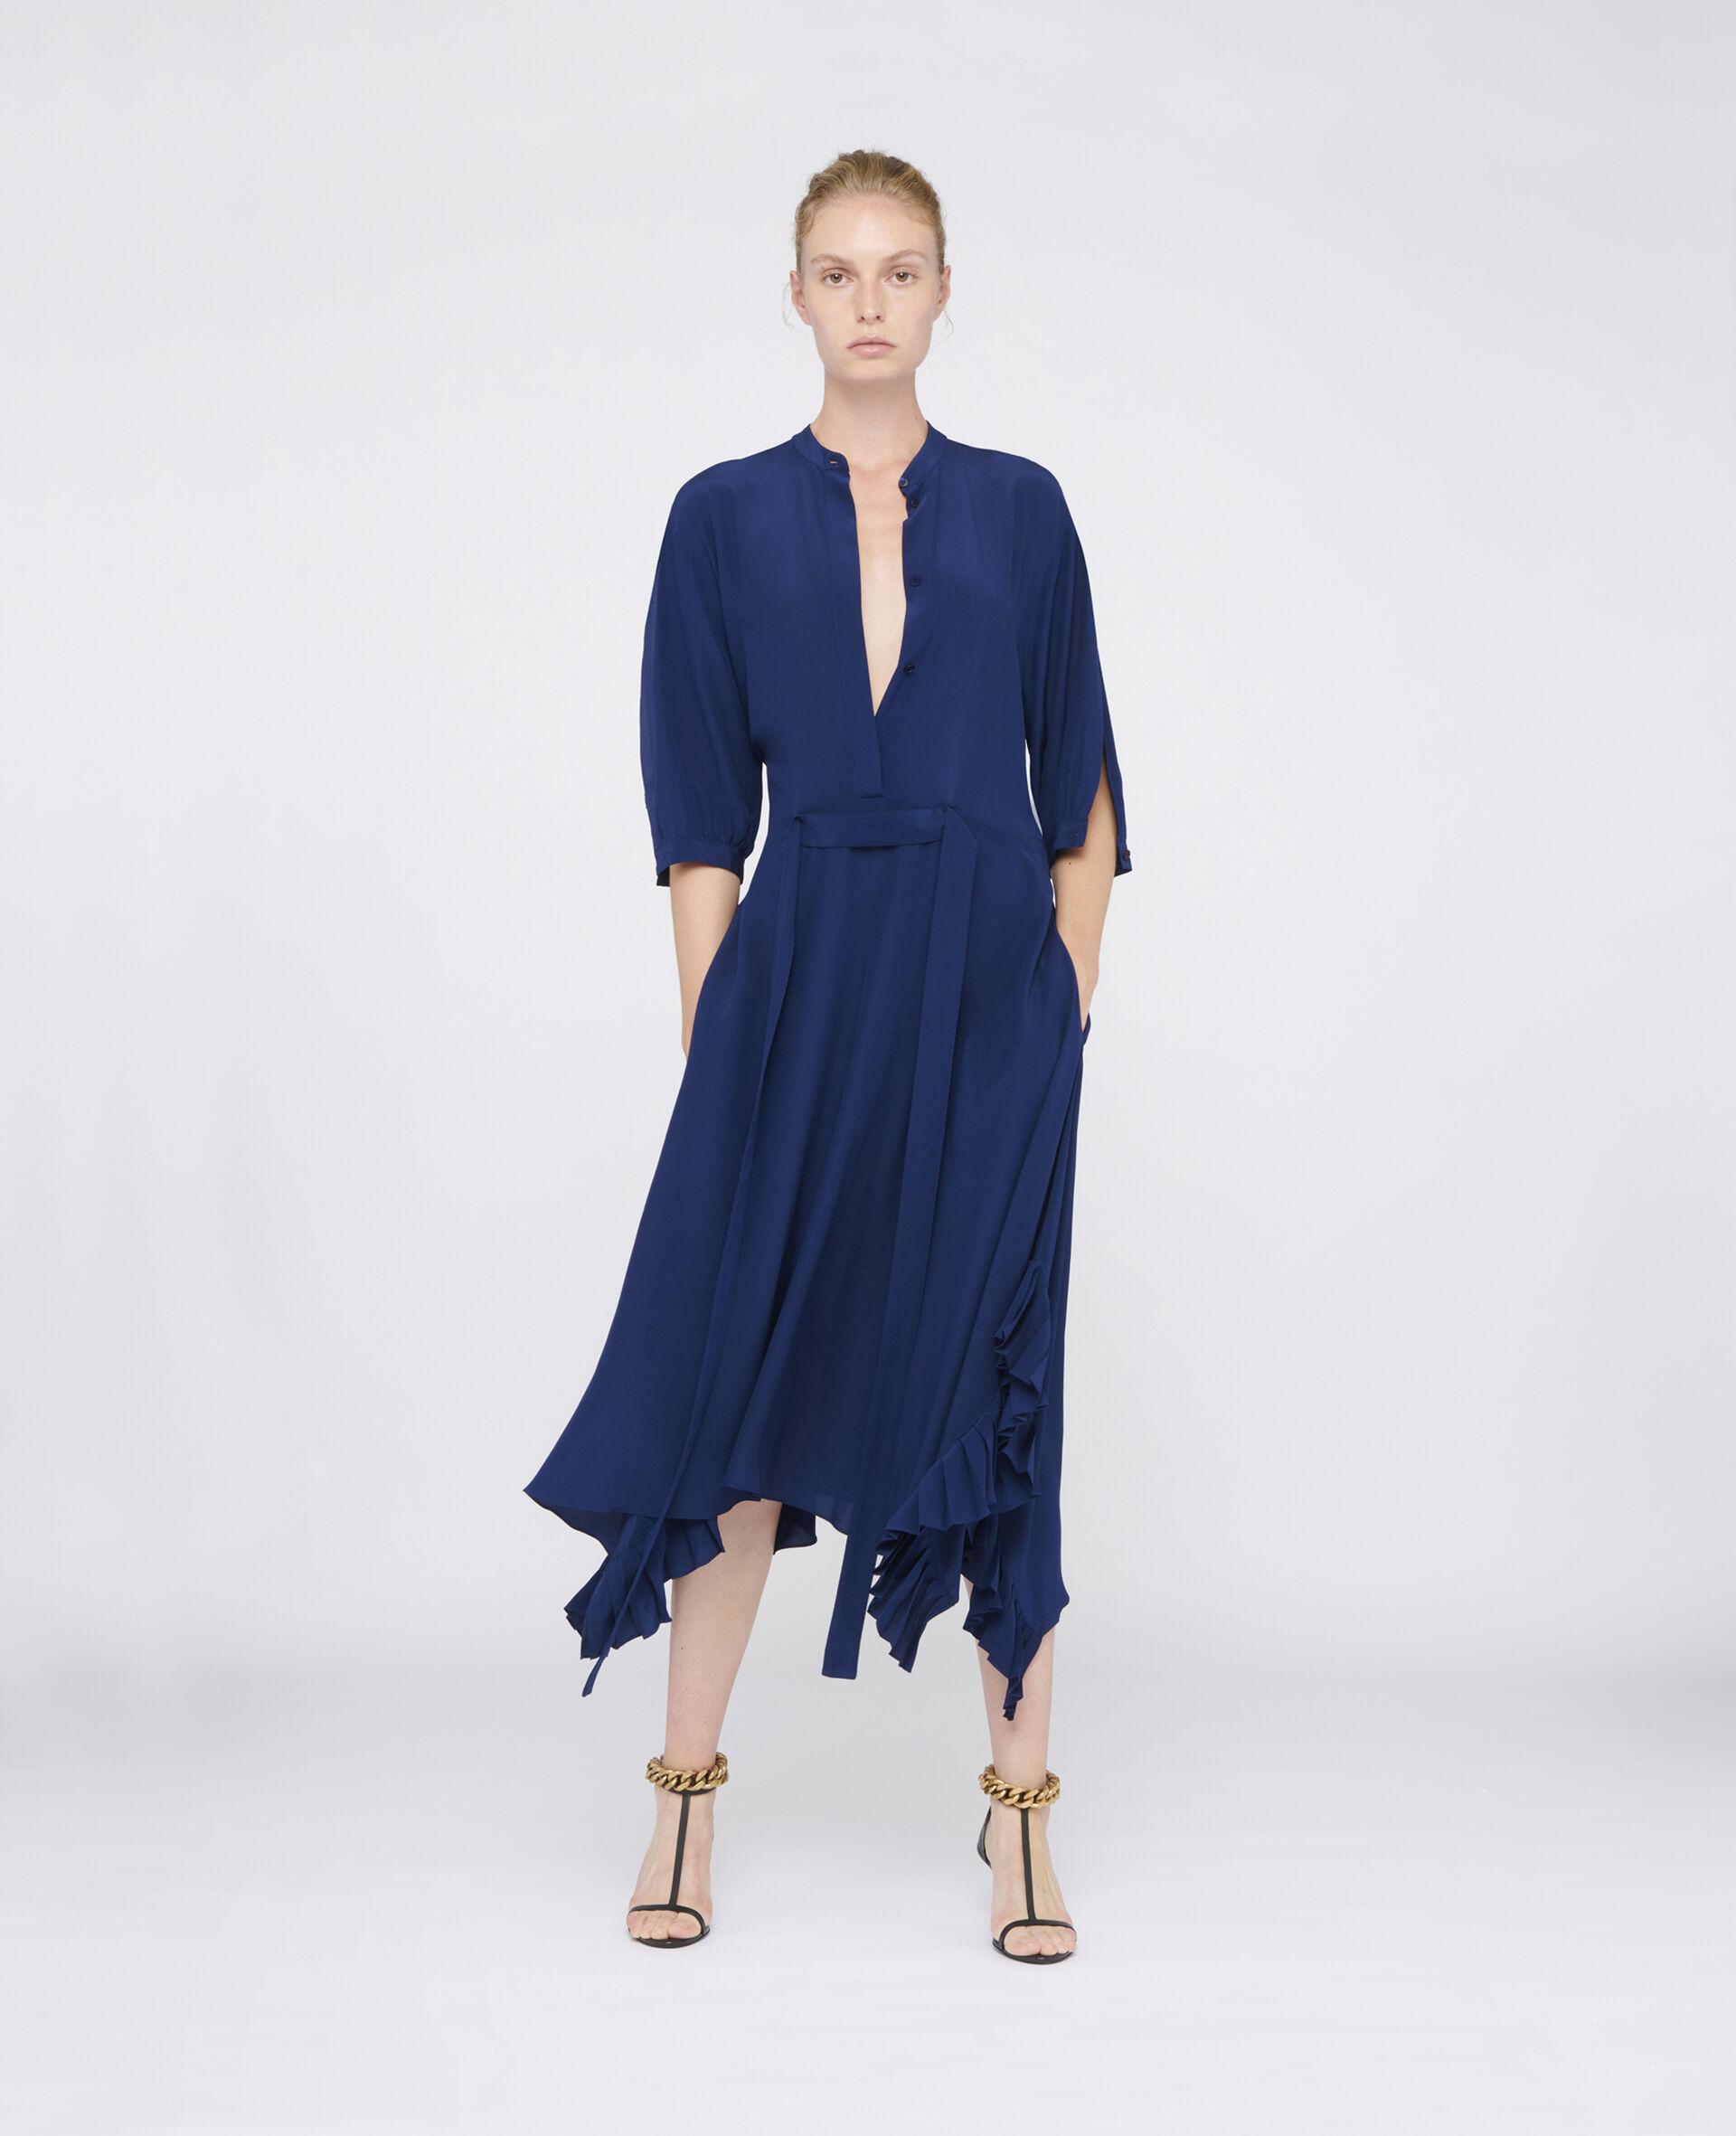 Stella McCartney Abito lungo di colore blu, maniche midi, chiusura con bottoni nascosti sul davanti.